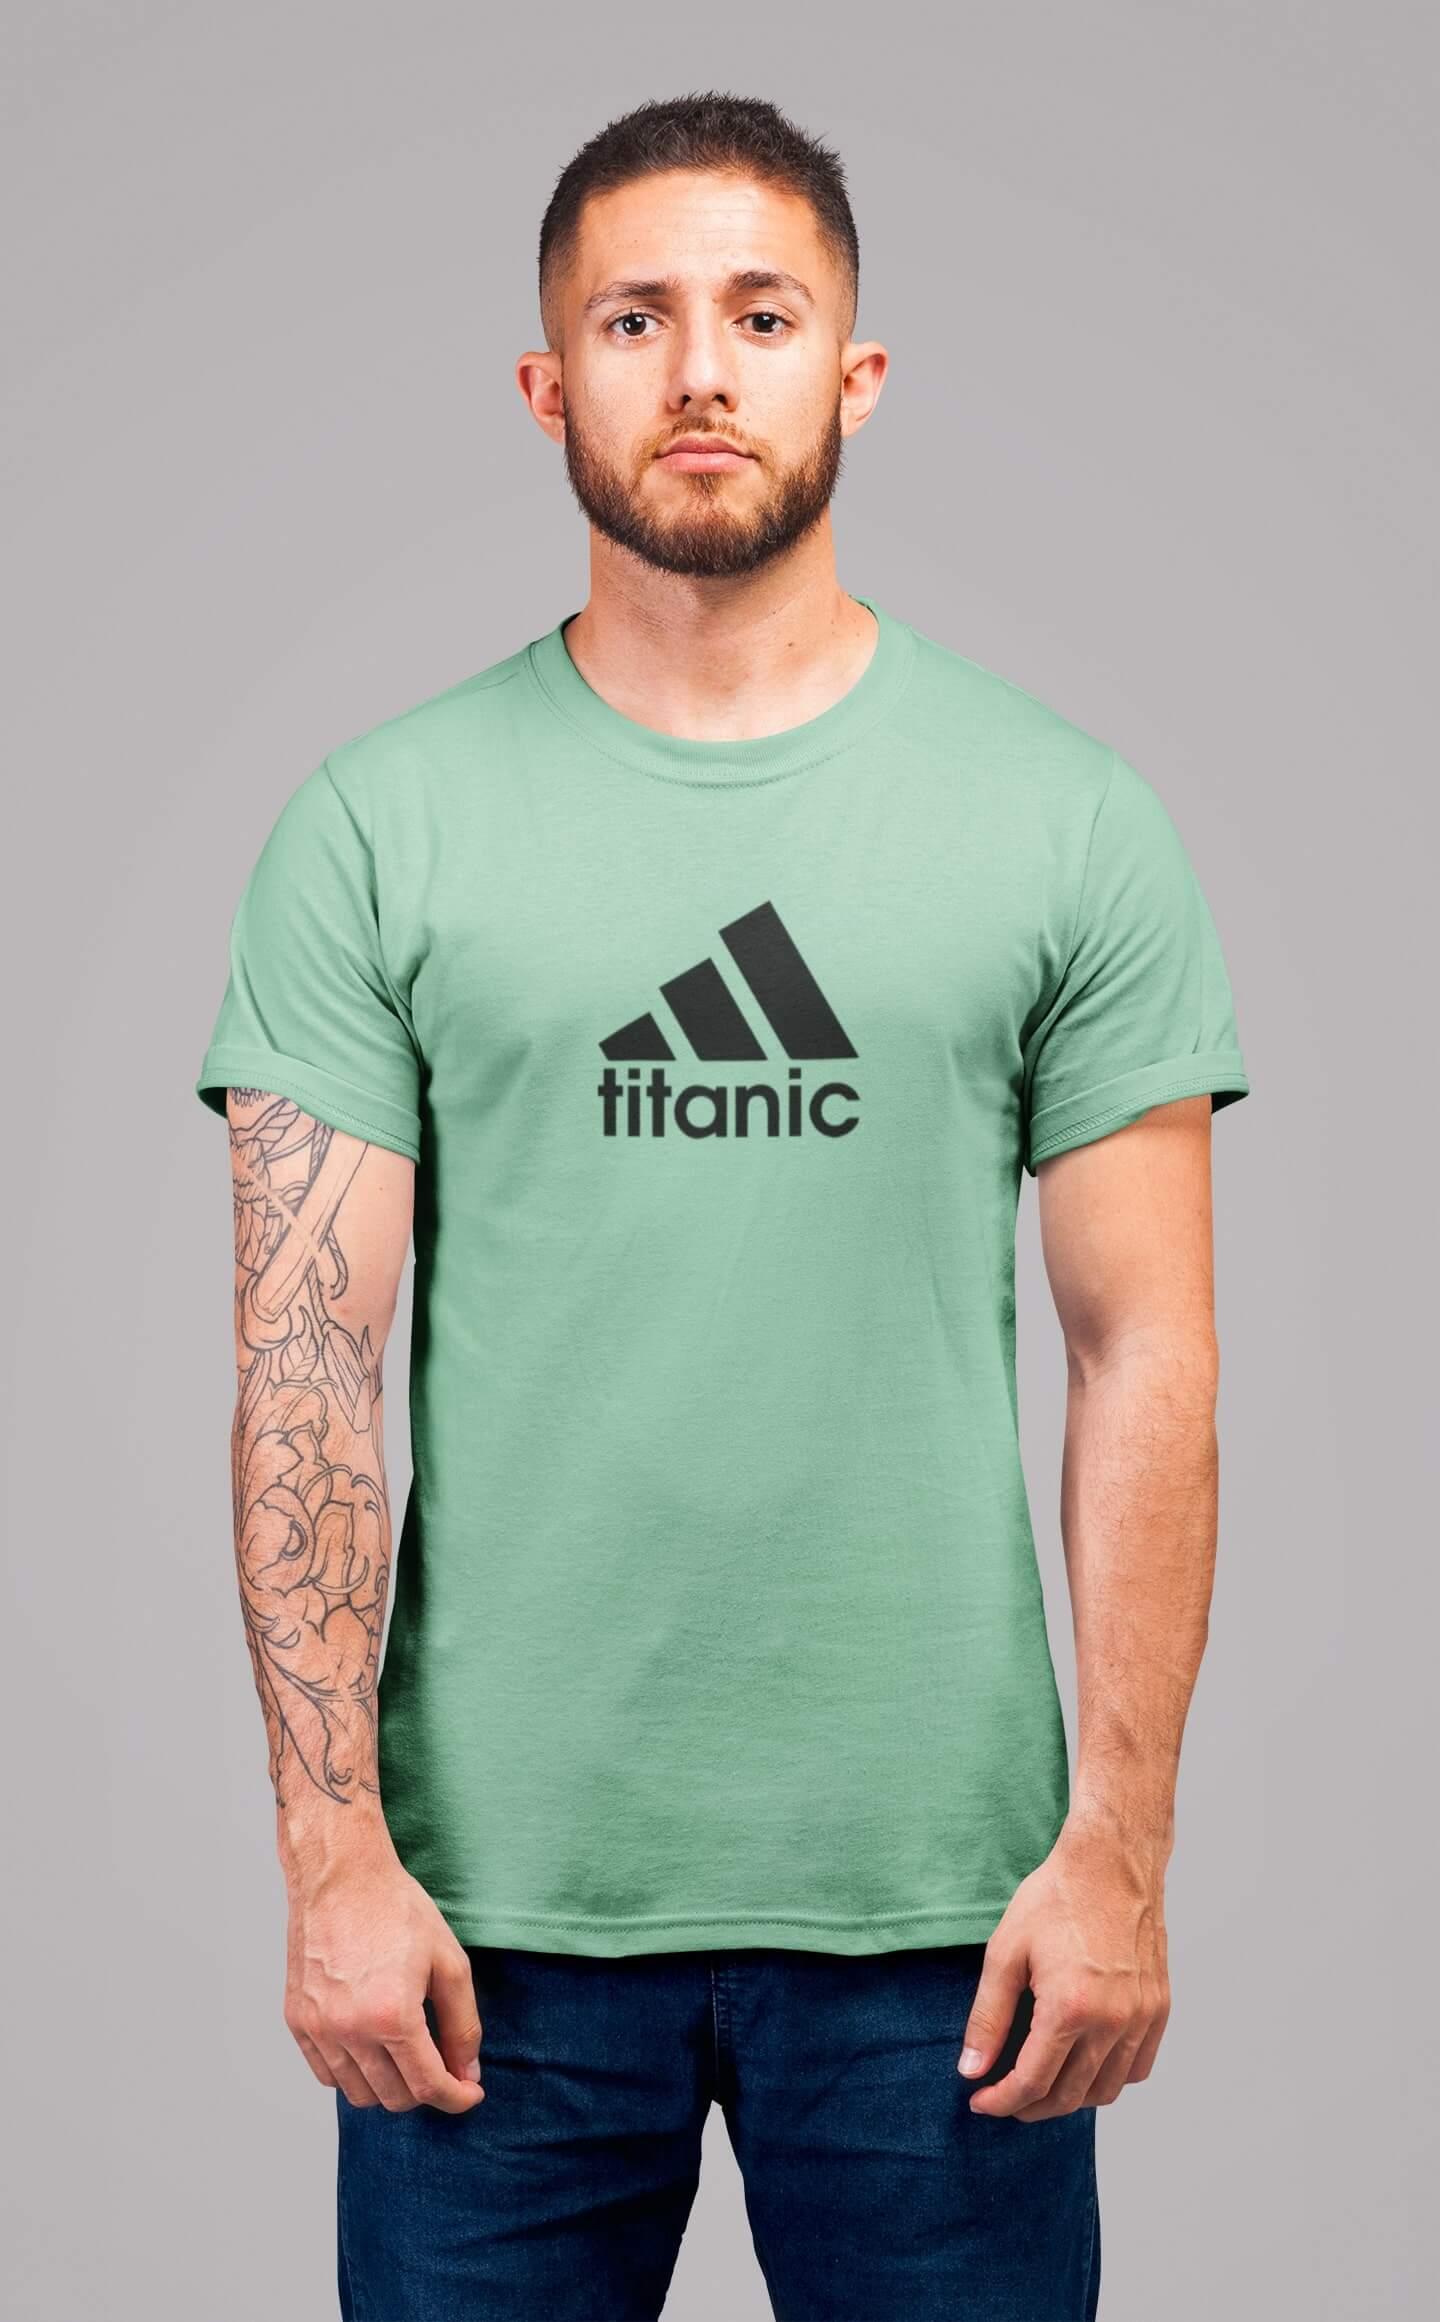 MMO Pánske tričko Titanic Vyberte farbu: Mätová, Vyberte veľkosť: 2XL